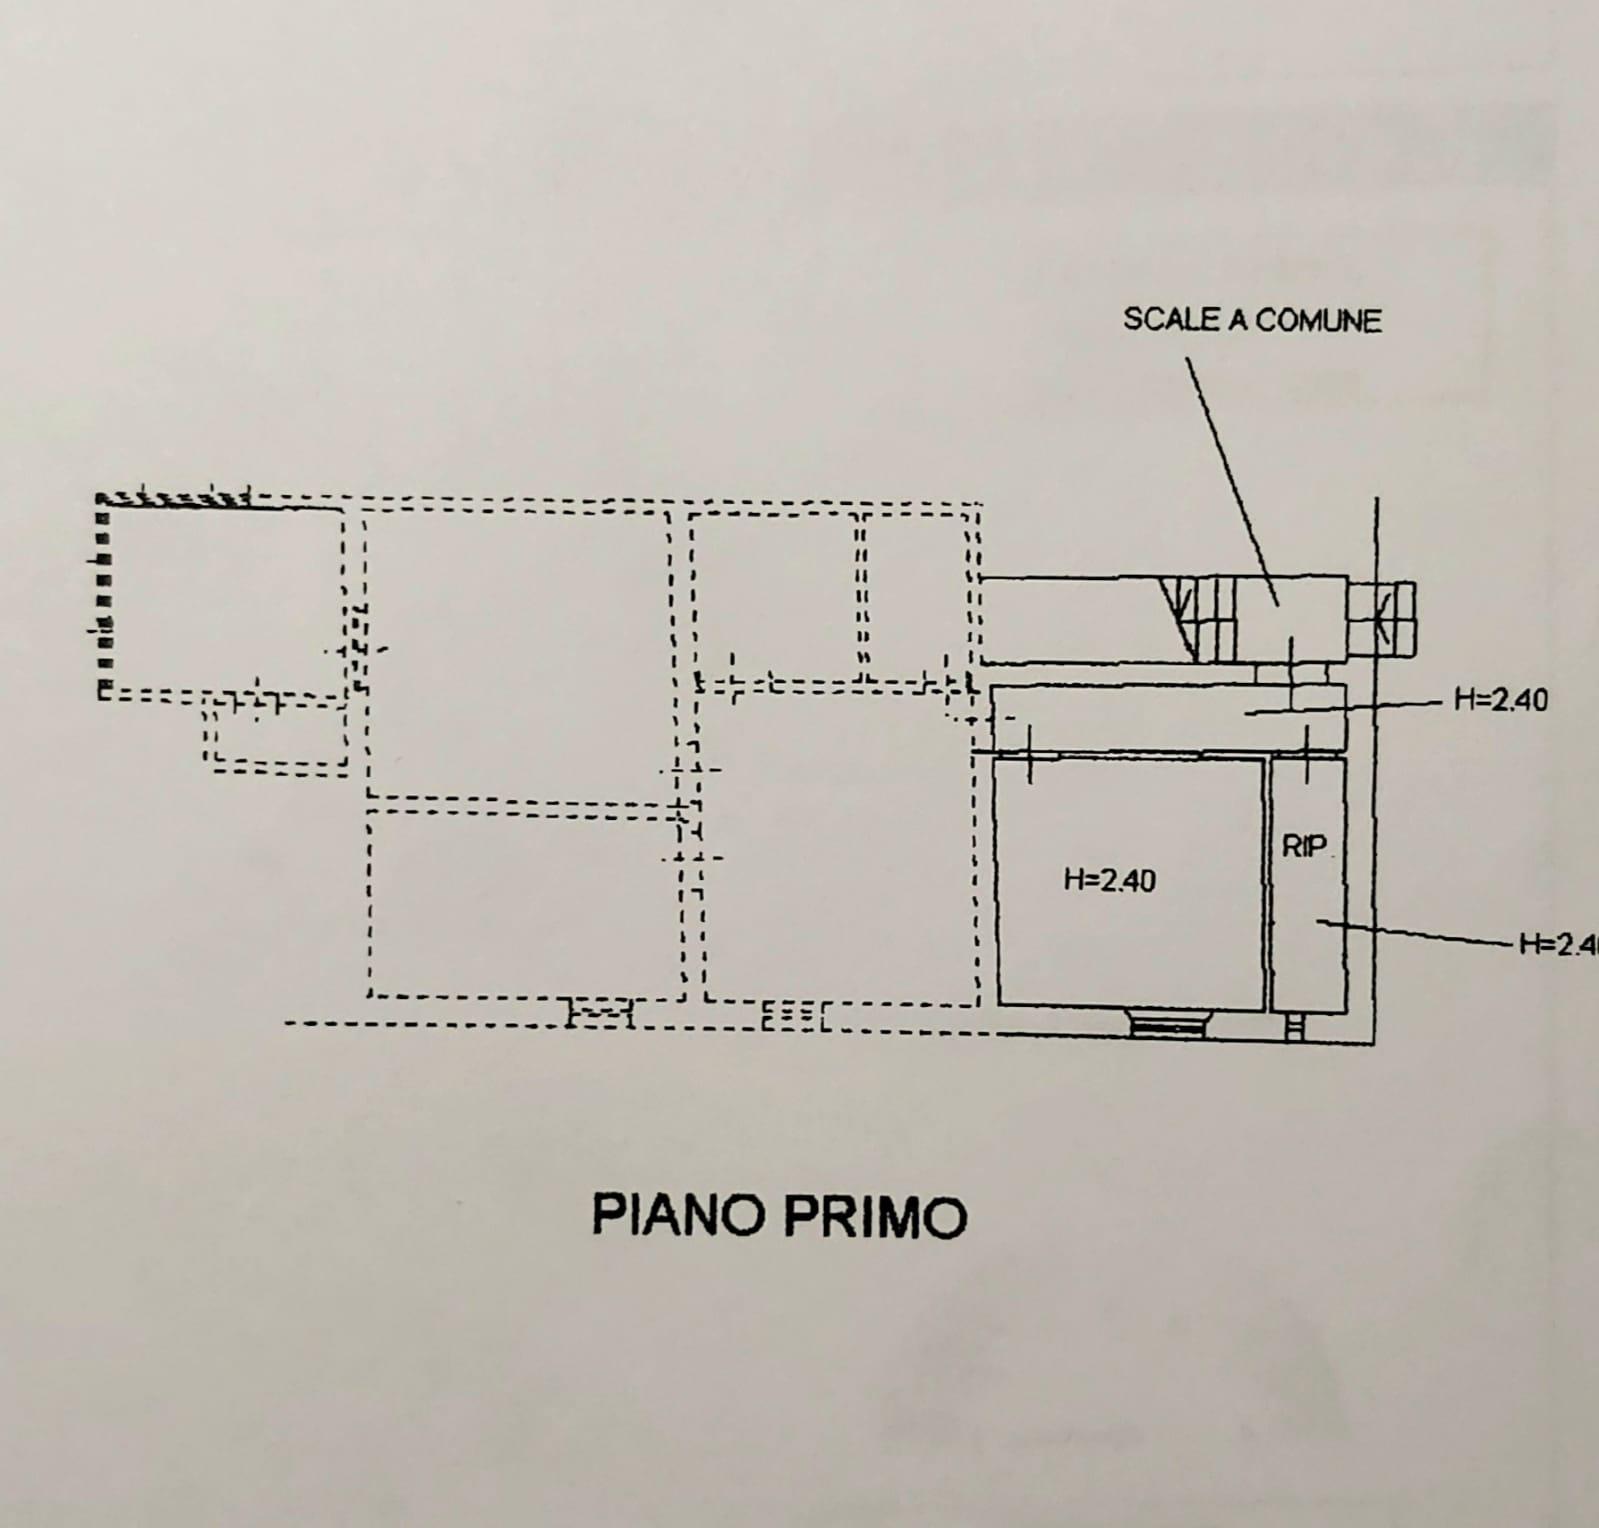 Appartamento in vendita, rif. 127 (Planimetria 1/1)